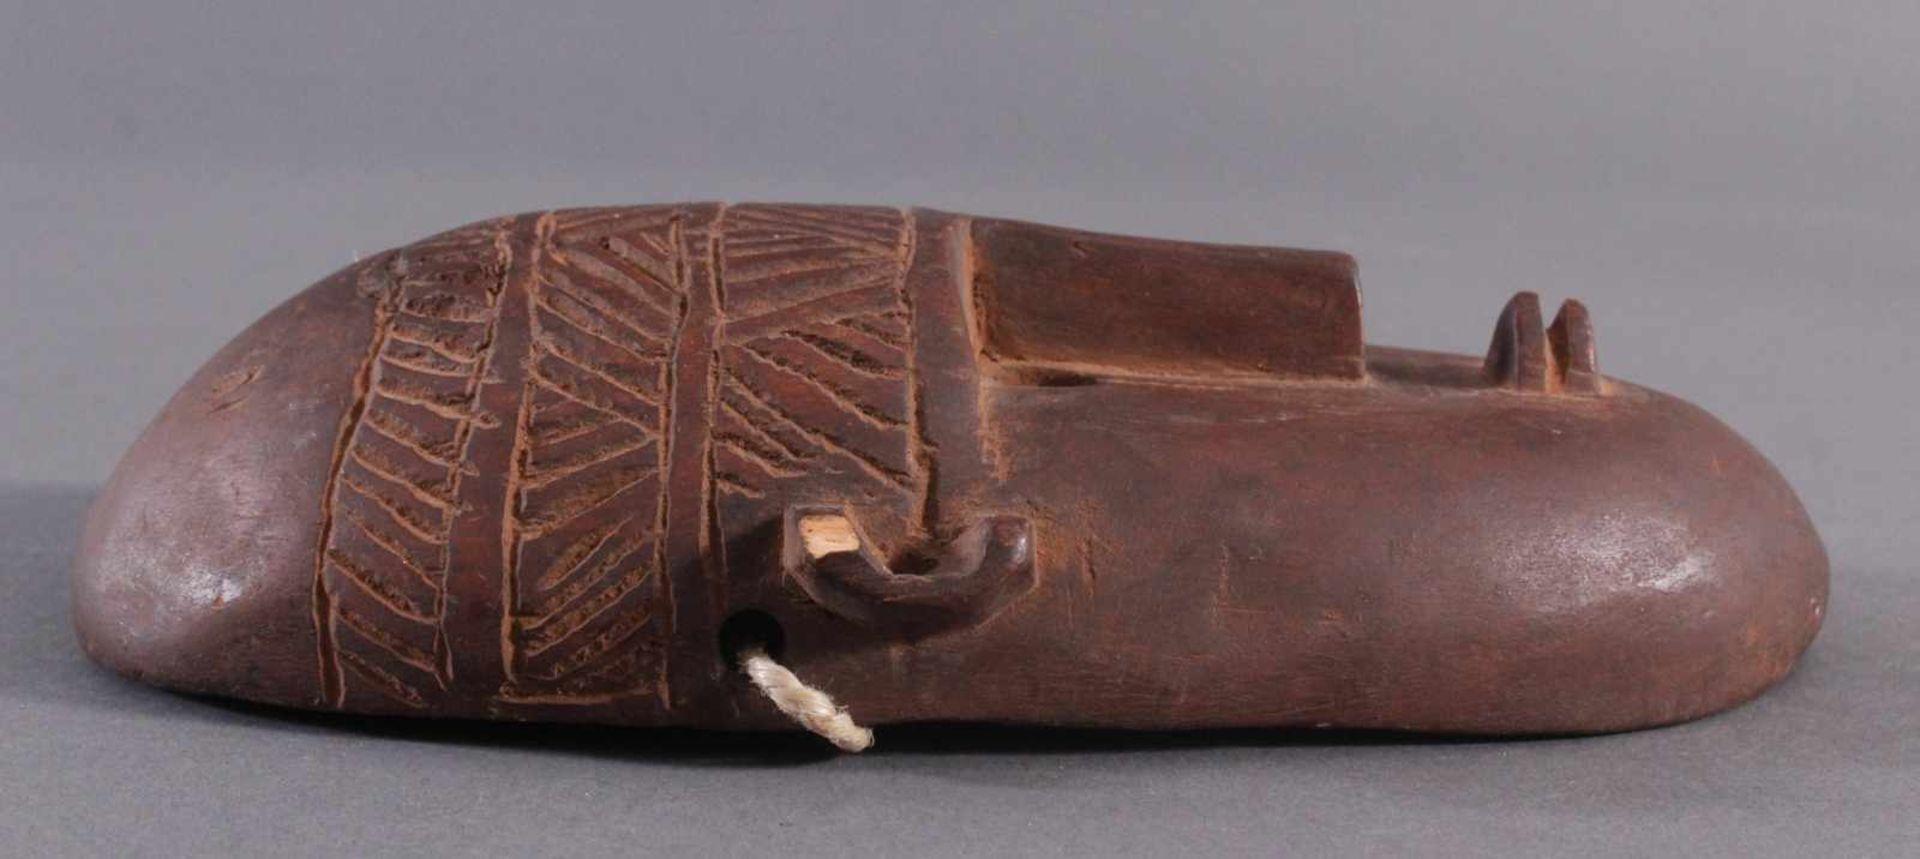 Antike Maske, BambaraHolz geschnitzt, braune Patina, am linken Ohr mit kleiner Abplatzung, - Bild 3 aus 6